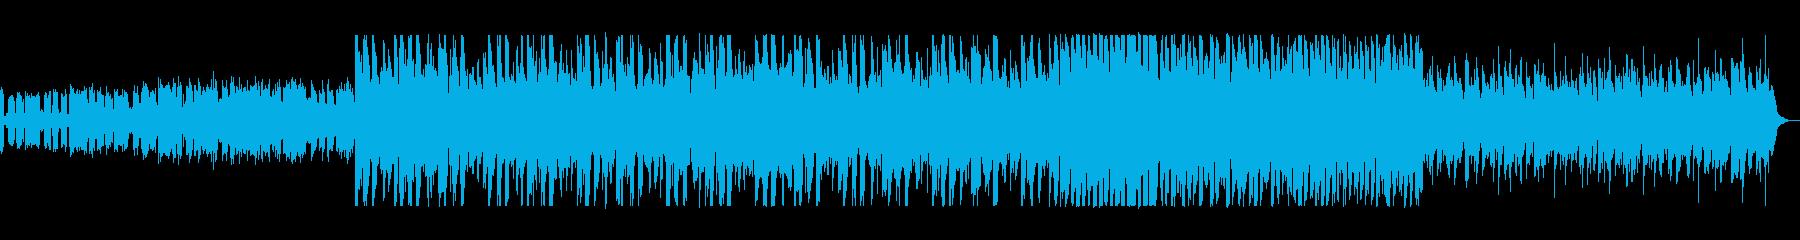 近未来的キャッチーなシンセEDMテクノの再生済みの波形